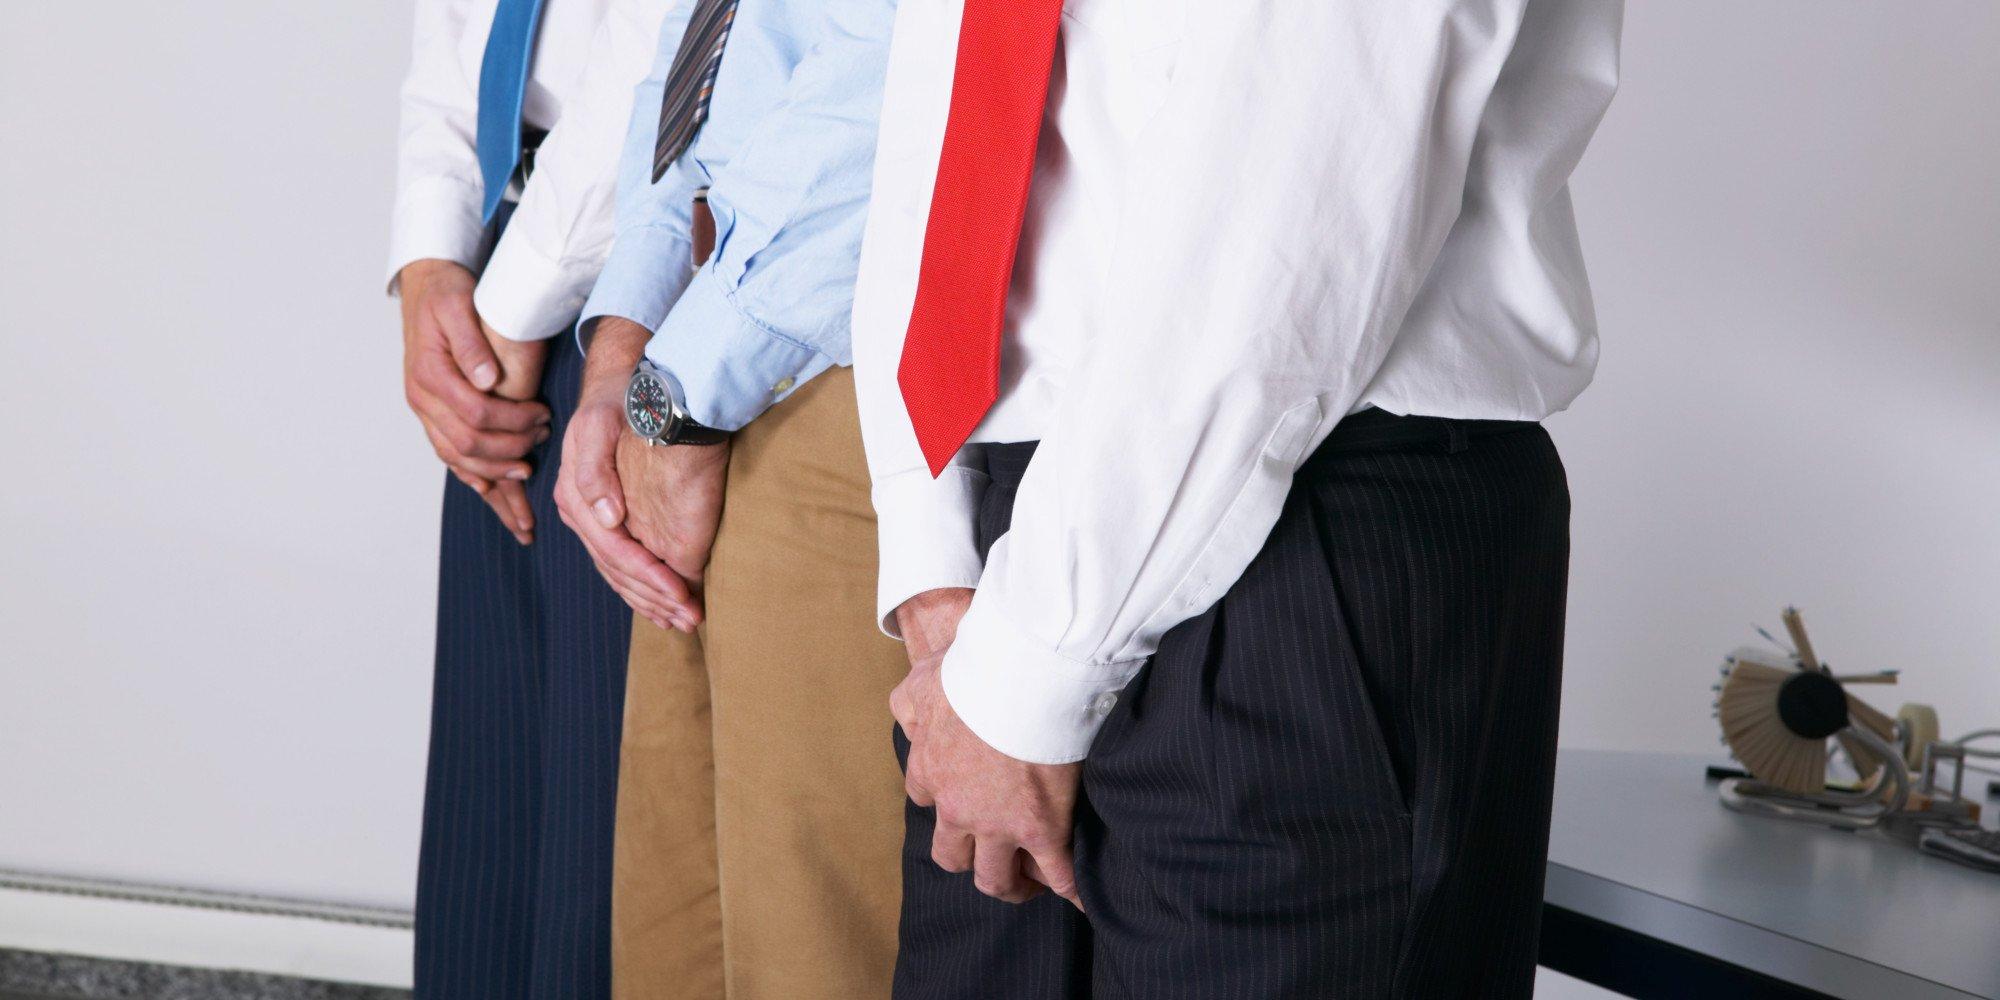 Недержания мочи у мужчин после операции, лечение недержания мочи у мужчин после ТУР